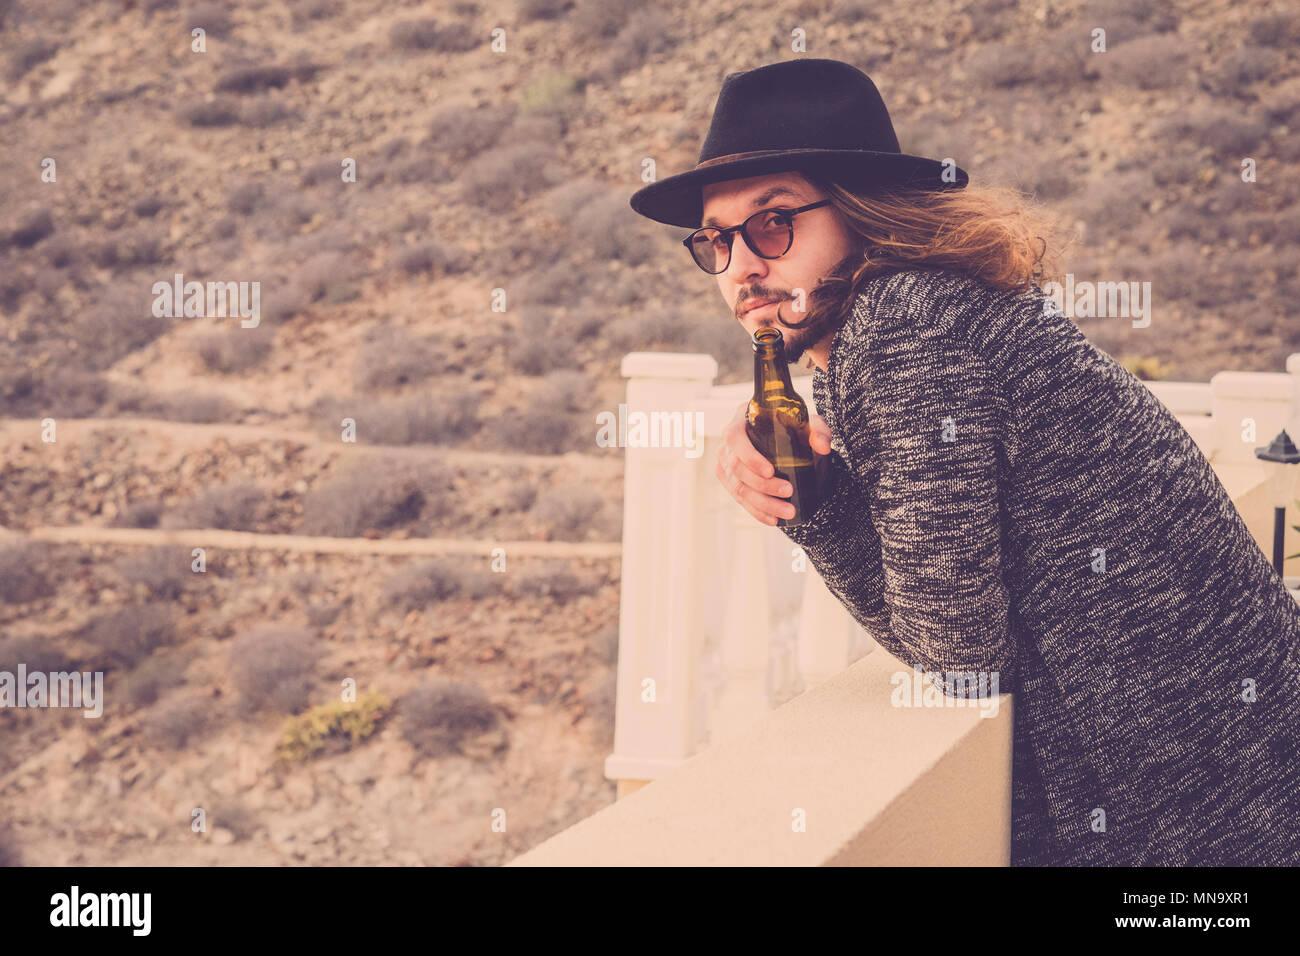 Cabello largo hermoso joven bebiendo cerveza en la terraza al aire libre con la montaña y naturaleza en fondo vingtage filtro retro un sombrero negro. Imagen De Stock